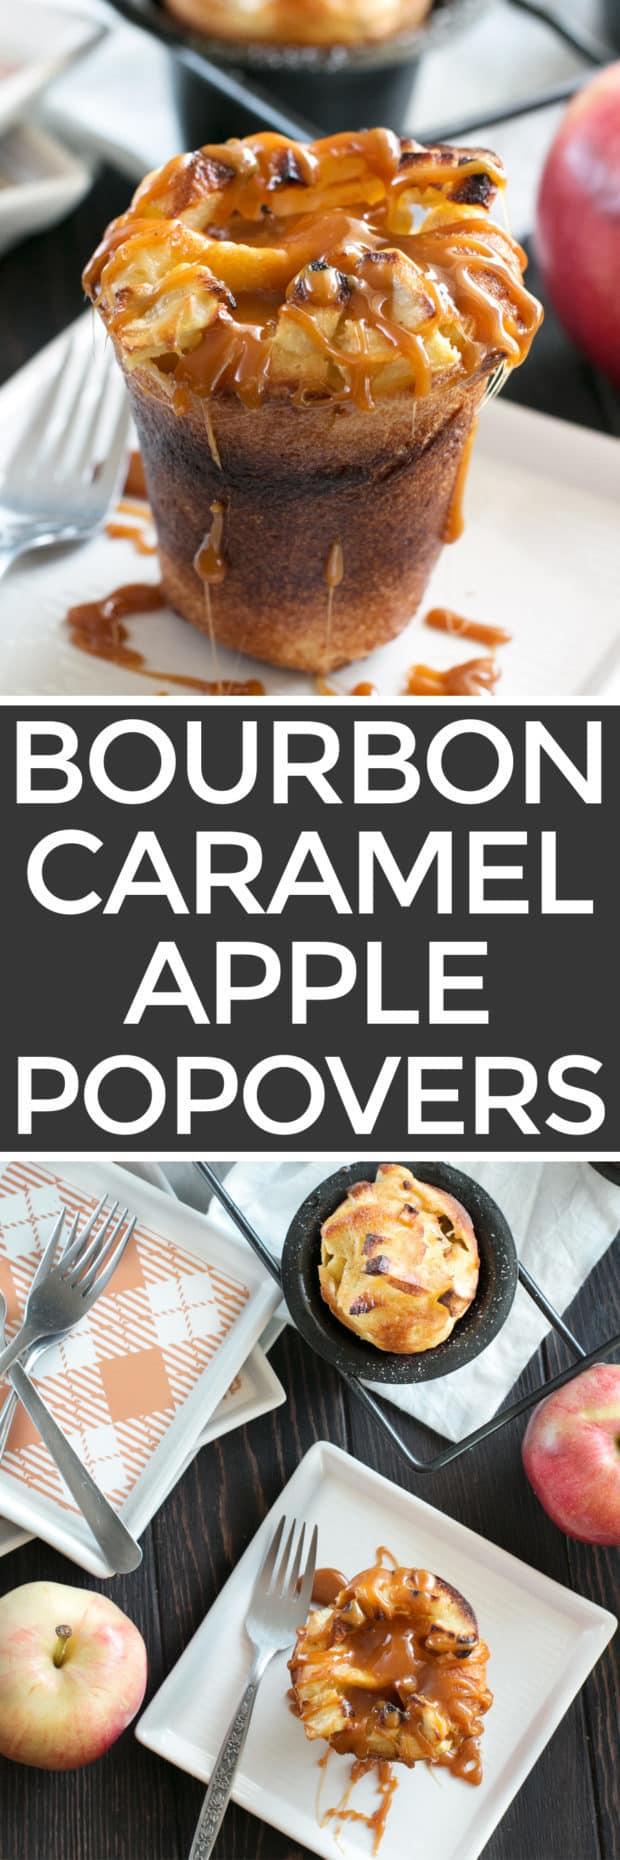 Bourbon Caramel Apple Popovers | cakenknife.com #dessert #caramel #applepie #fall